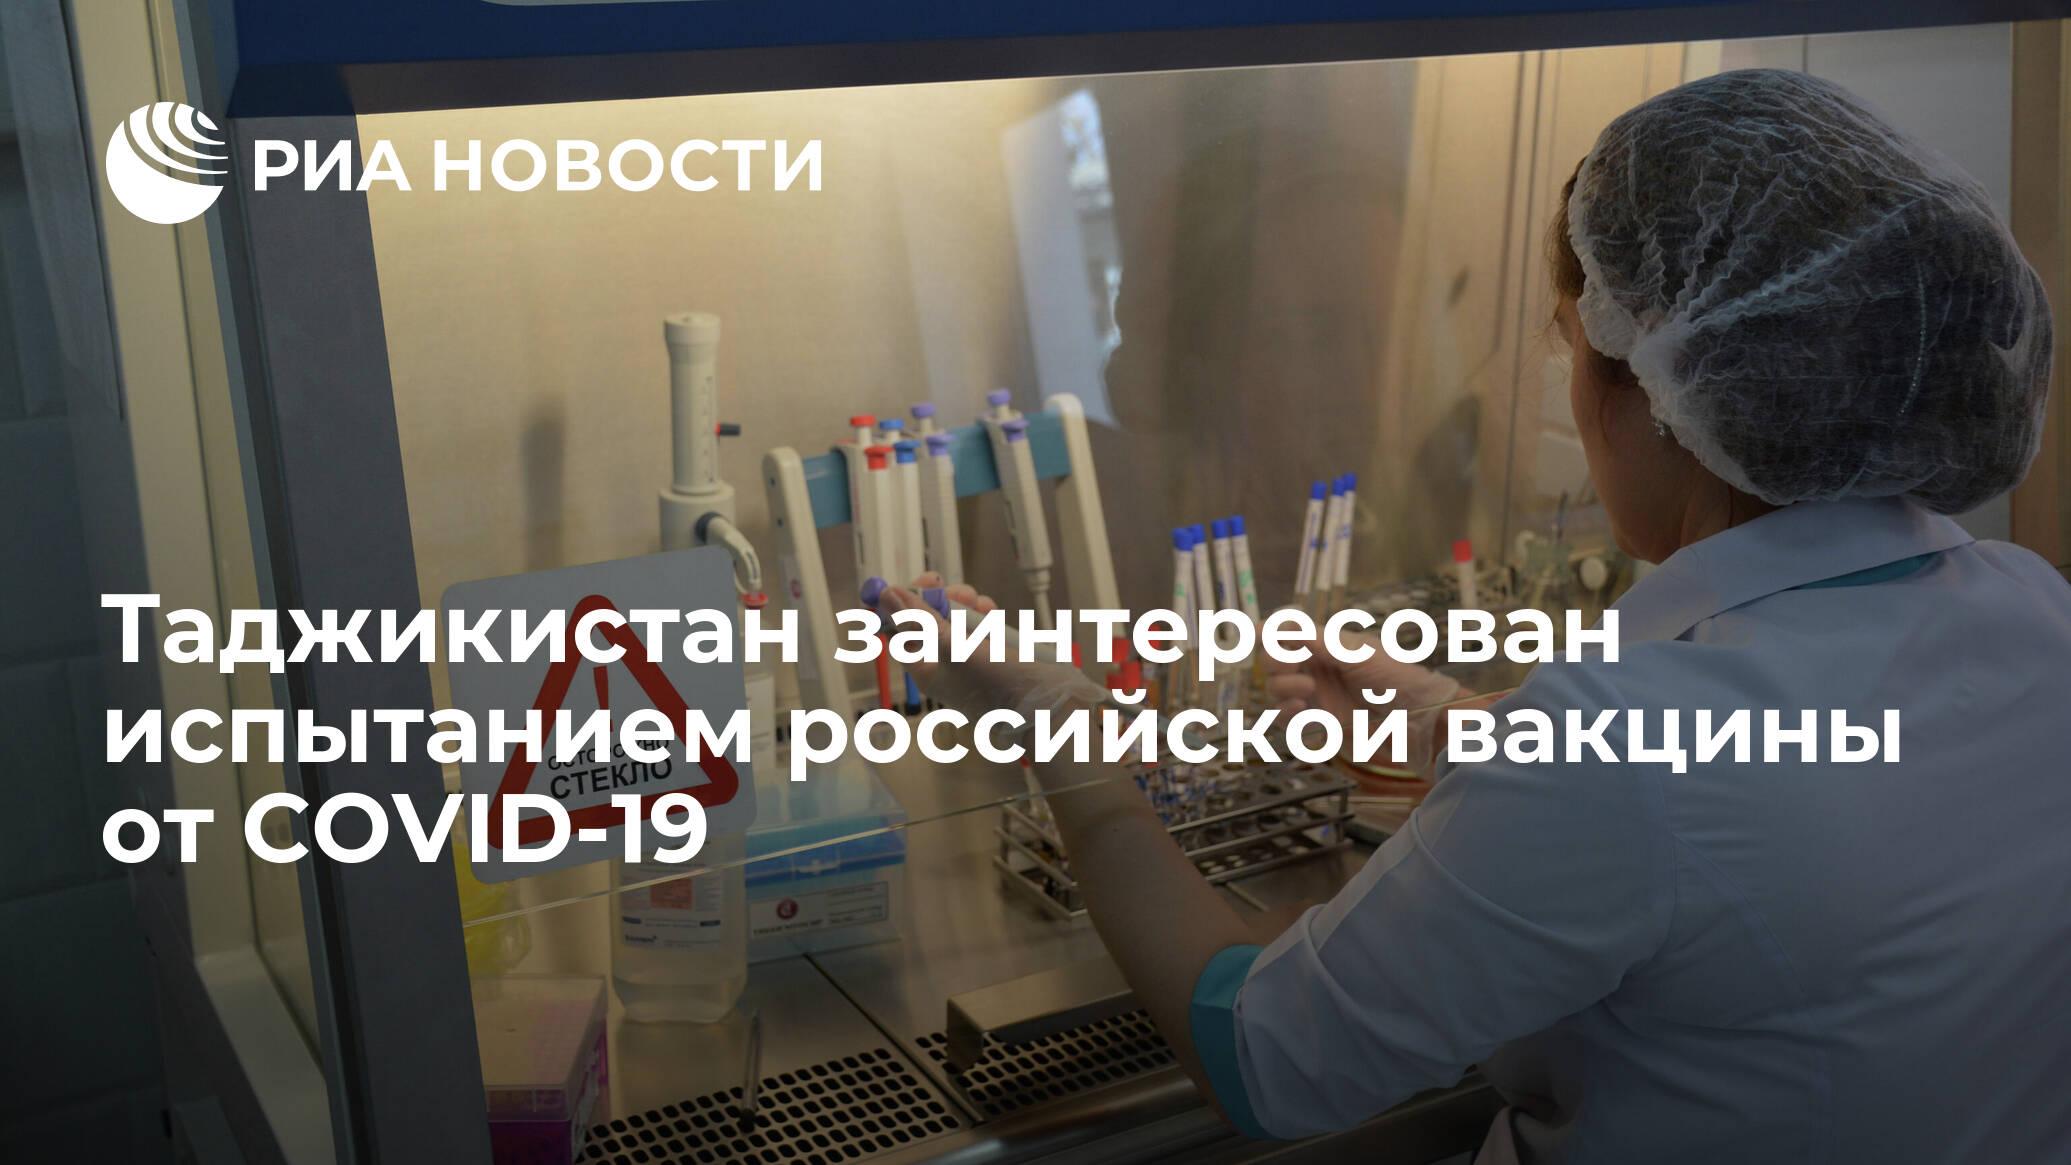 Таджикистан заинтересован испытанием российской вакцины от COVID-19